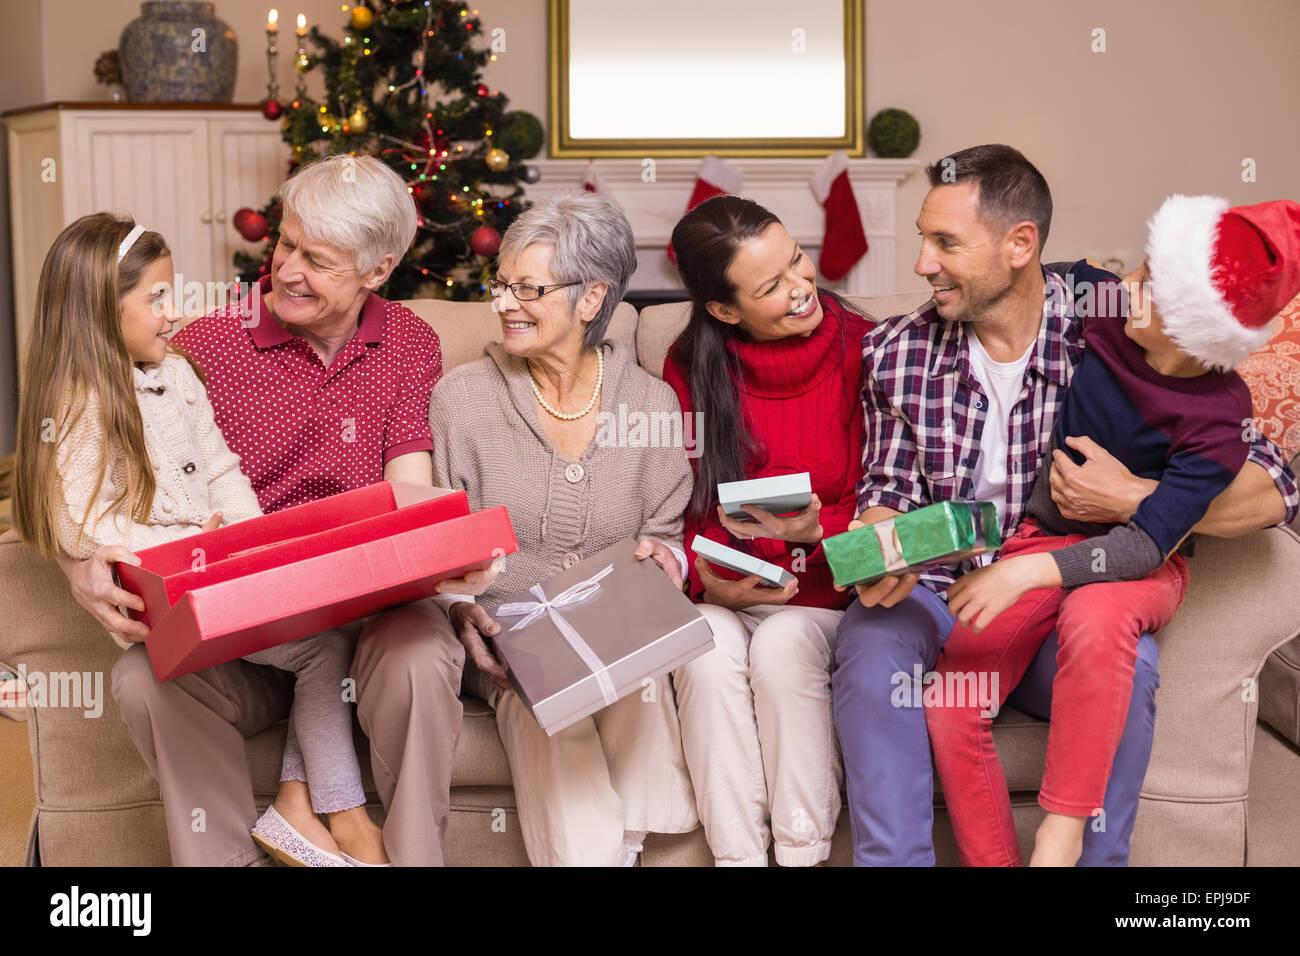 Festliche Eröffnung Geschenke zu Weihnachten Familie Stockbild